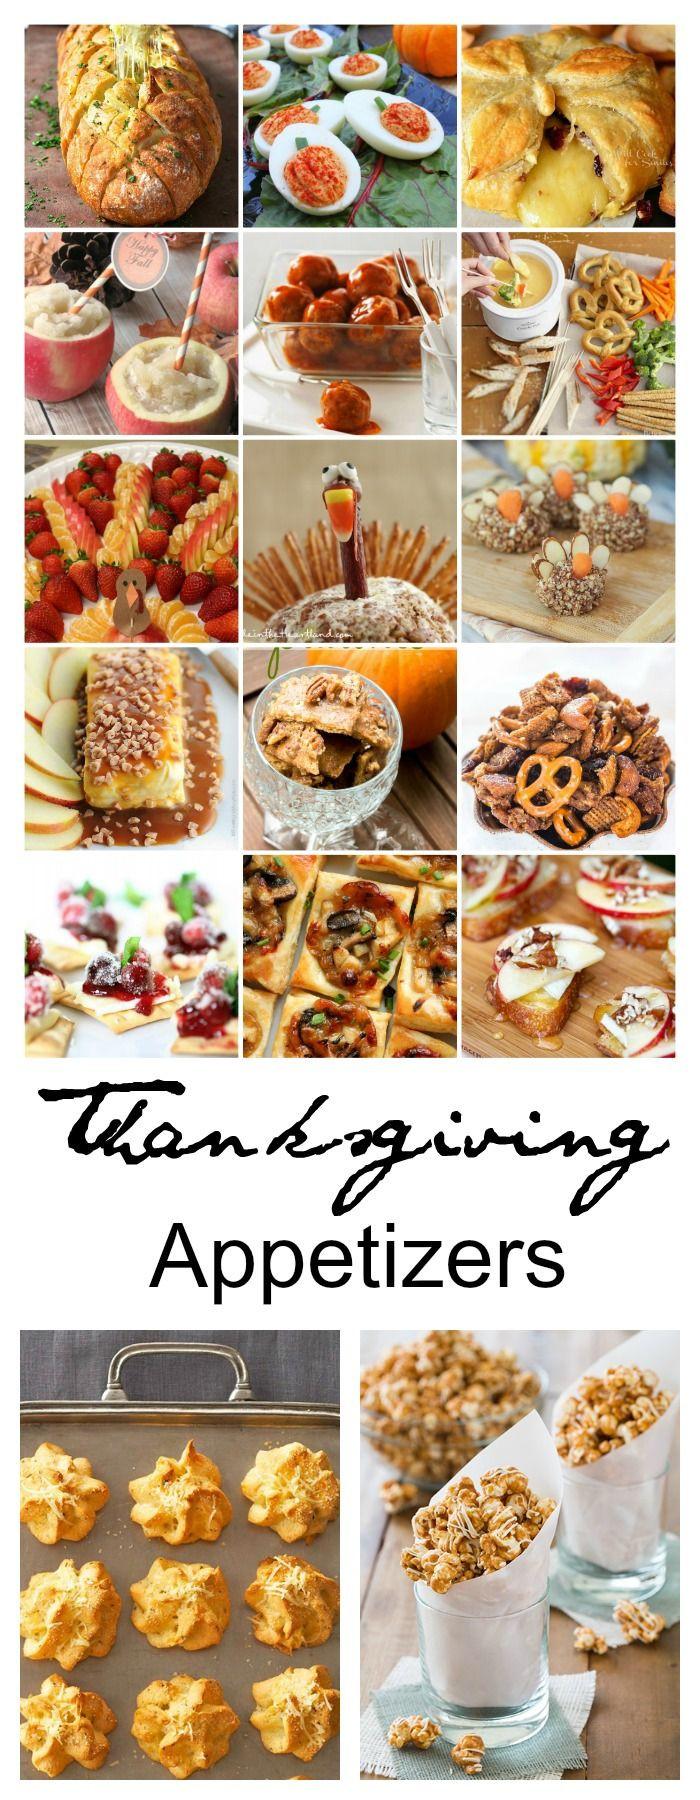 Appetizers For Thanksgiving Dinner Easy  25 best ideas about Thanksgiving appetizers on Pinterest